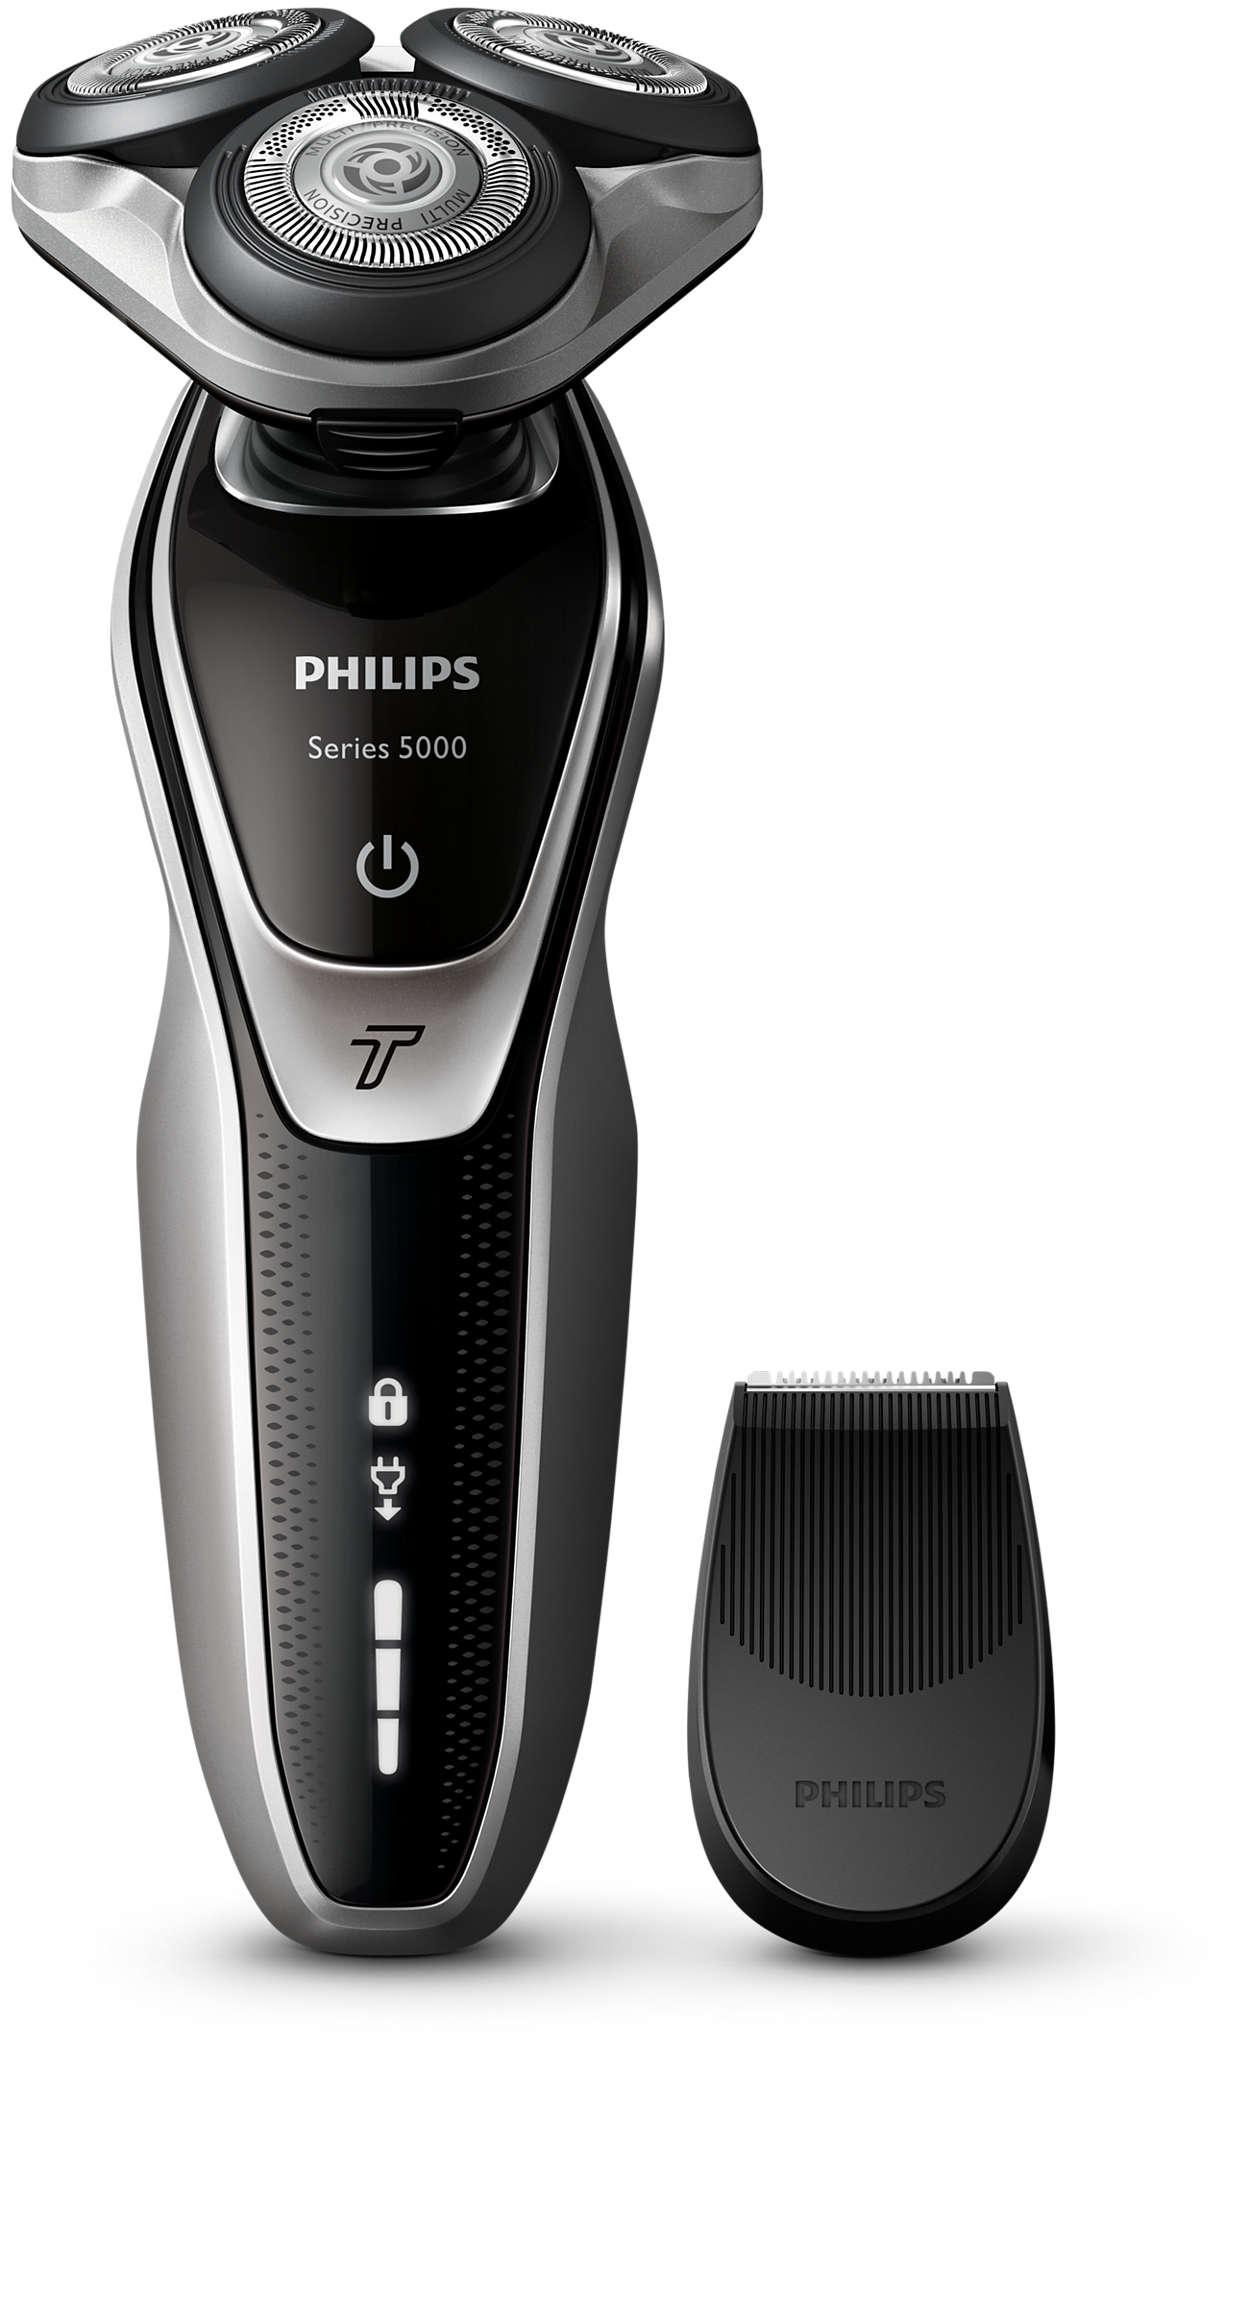 湿剃或干剃,保护式剃须